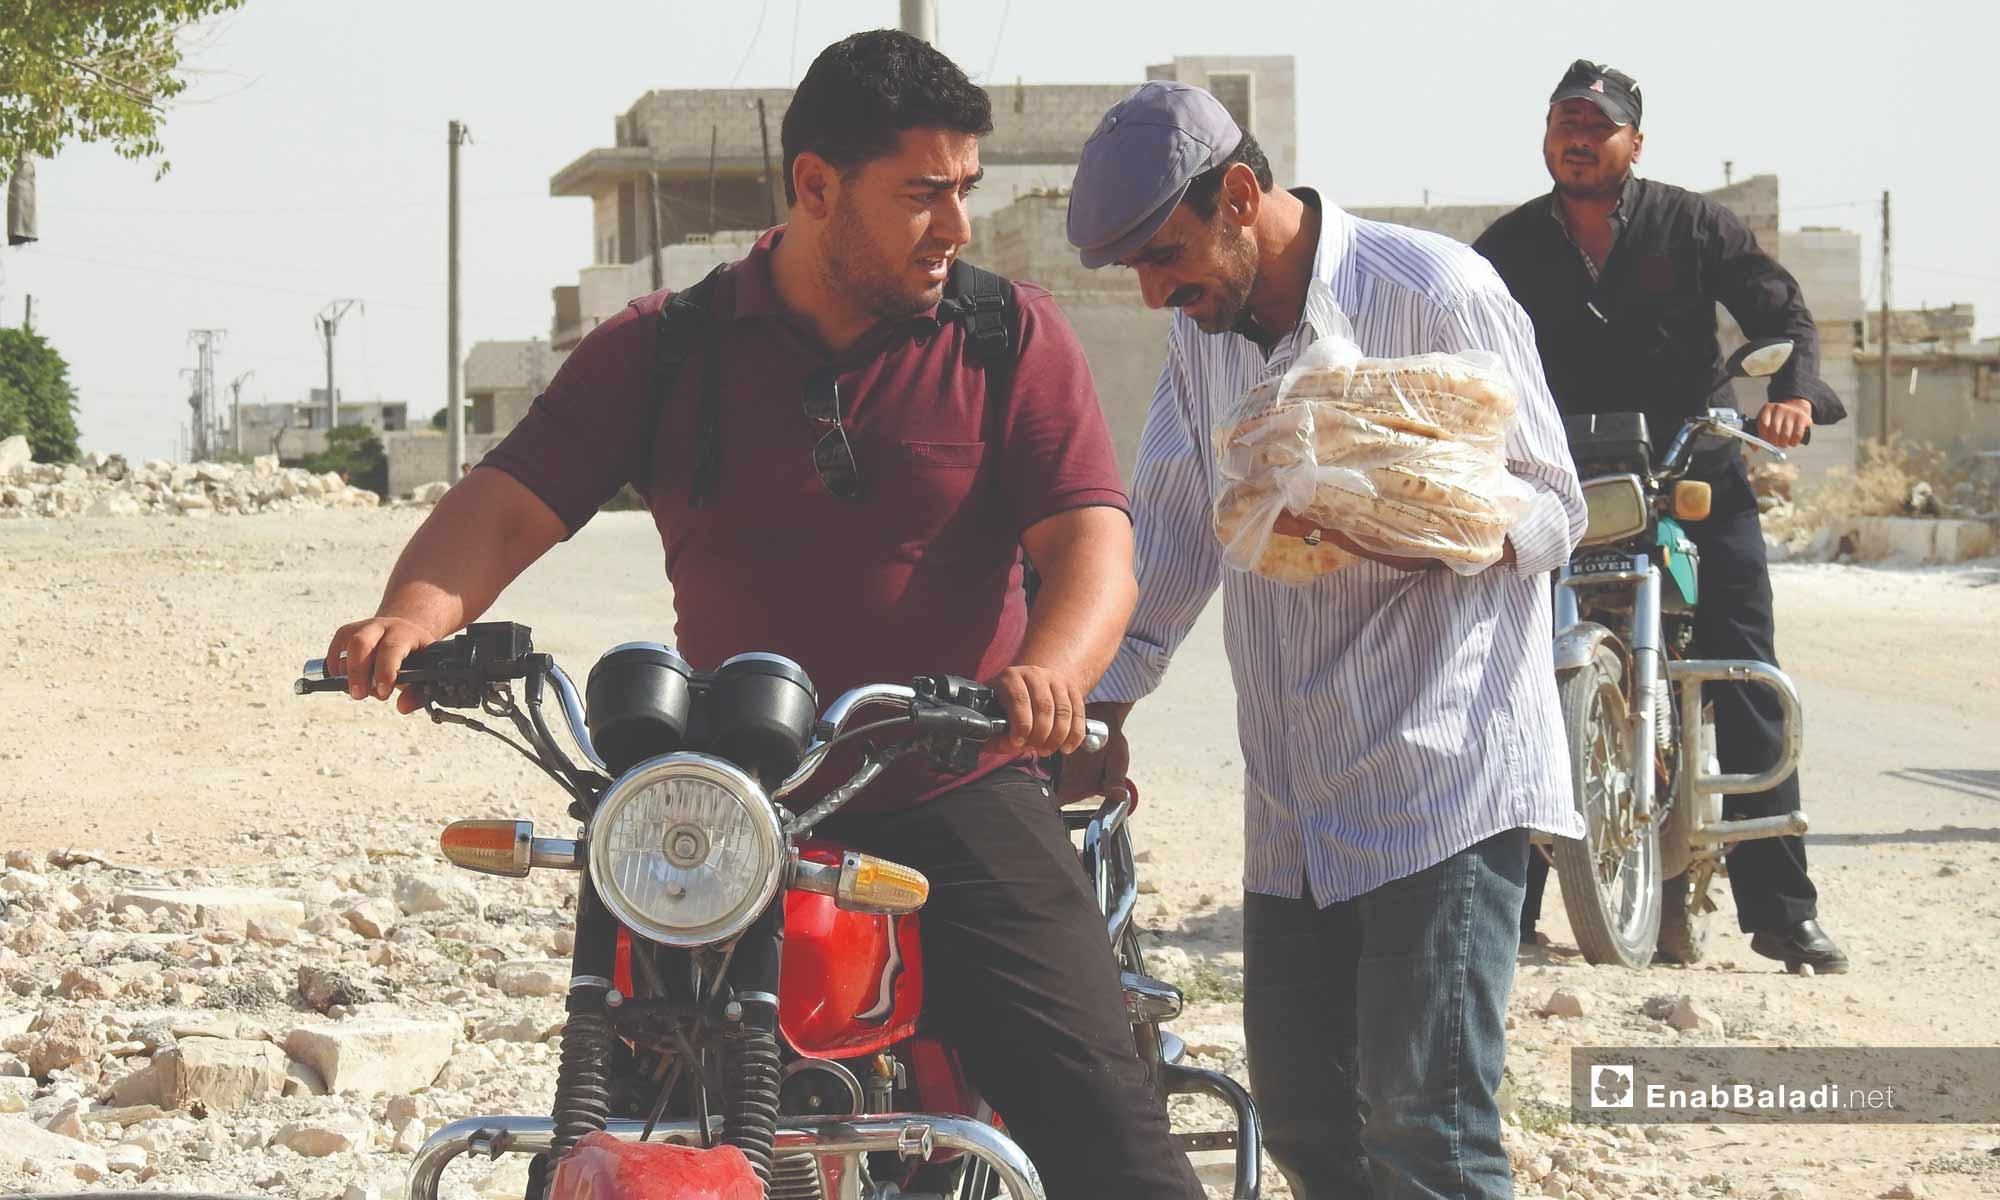 مواطنون يستفيدون من مخبز آلي في بزاعة بريف حلب - تموز 2017 (عنب بلدي)